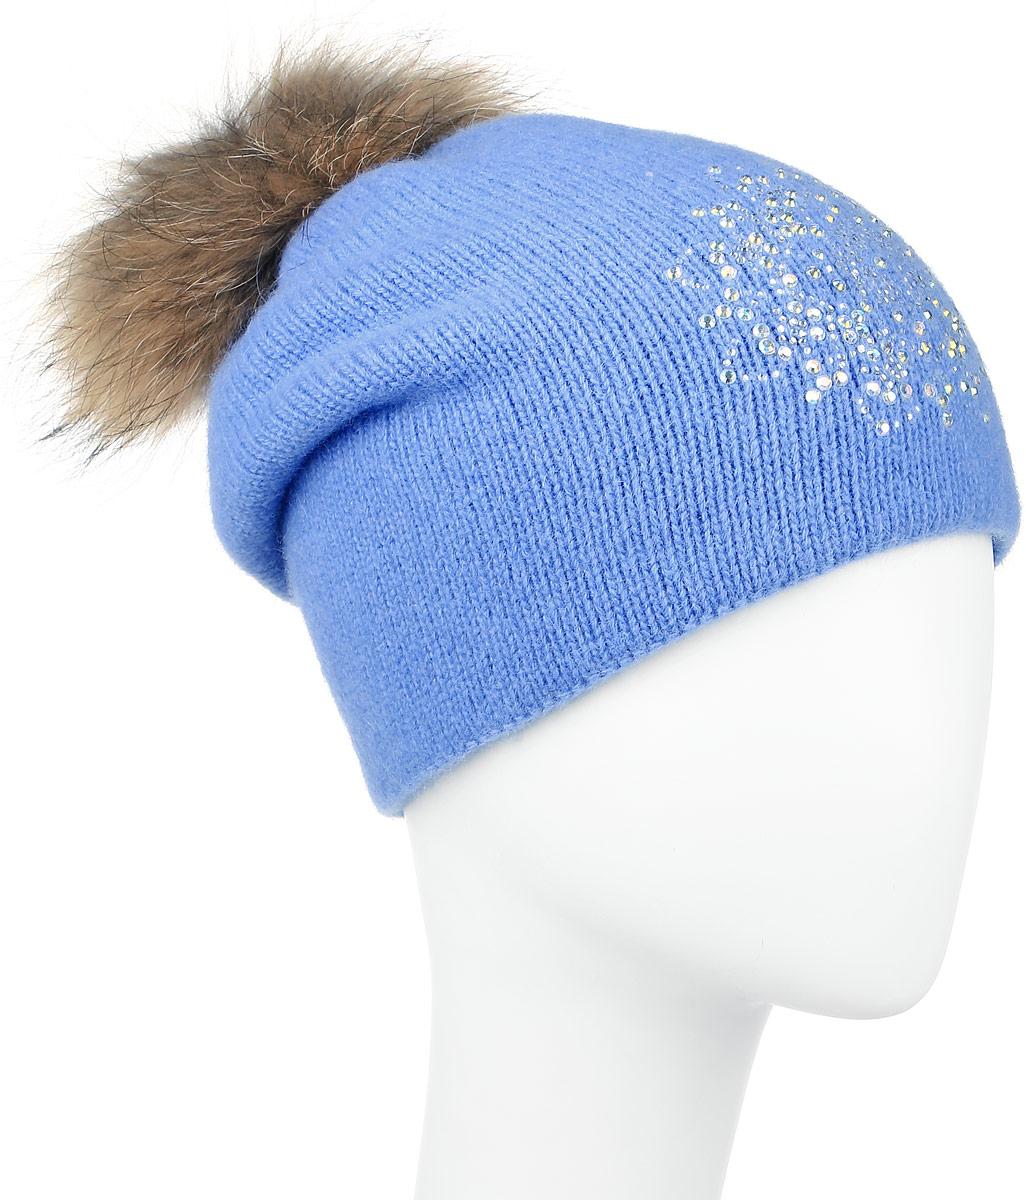 W16-11128_323Стильная женская шапка Finn Flare дополнит ваш наряд и не позволит вам замерзнуть в холодное время года. Шапка выполнена из высококачественной пряжи, что позволяет ей великолепно сохранять тепло и обеспечивает высокую эластичность и удобство посадки. Модель оформлена брендовой металлической пластиной, стразами и дополнена помпоном из натурального меха. Уважаемые клиенты! Размер, доступный для заказа, является обхватом головы.